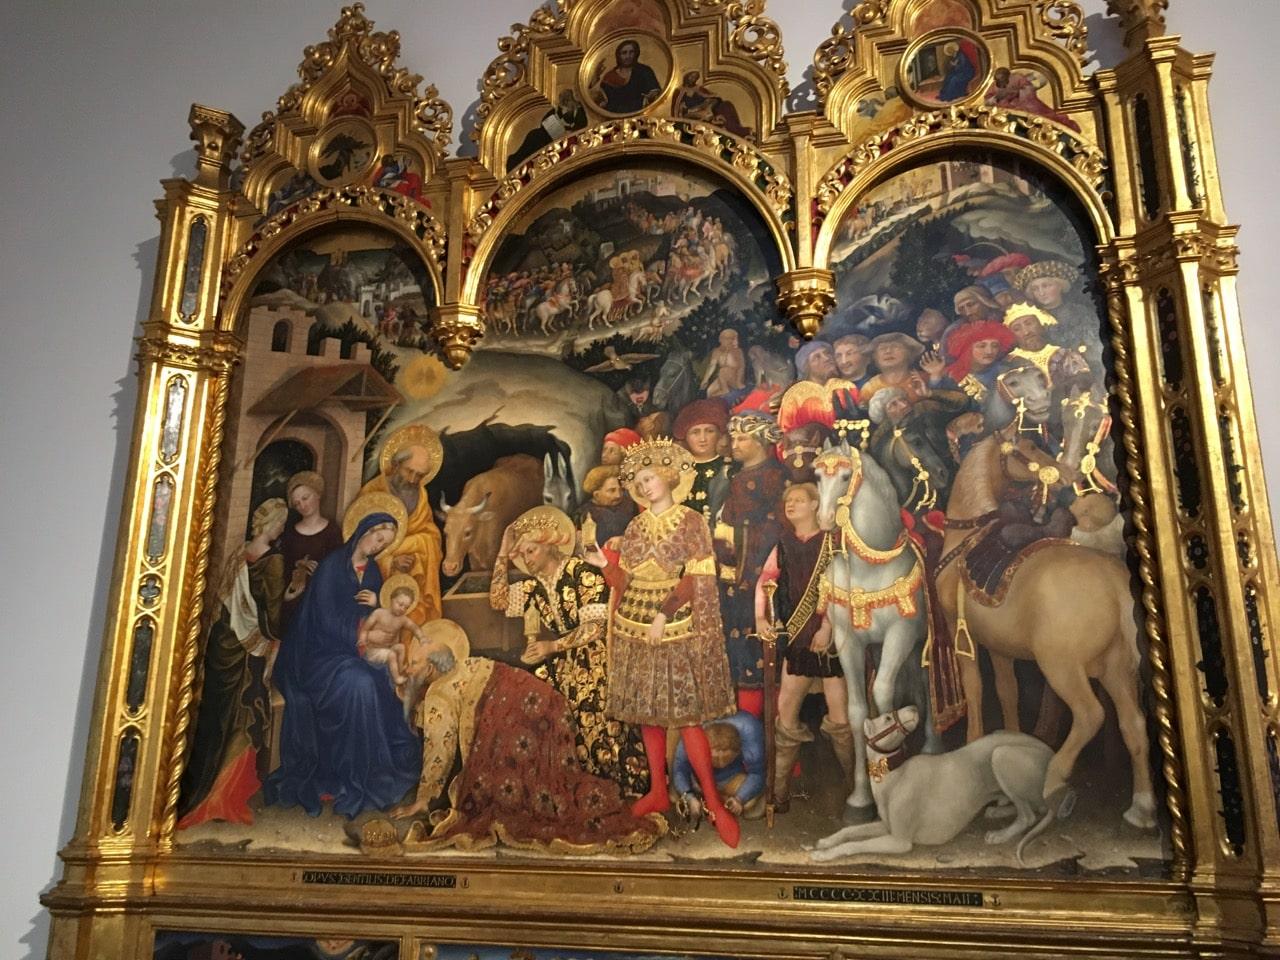 宗教画,大多是圣母抱着圣子,或者就是耶稣被钉死在十字架上,看起来都差不多